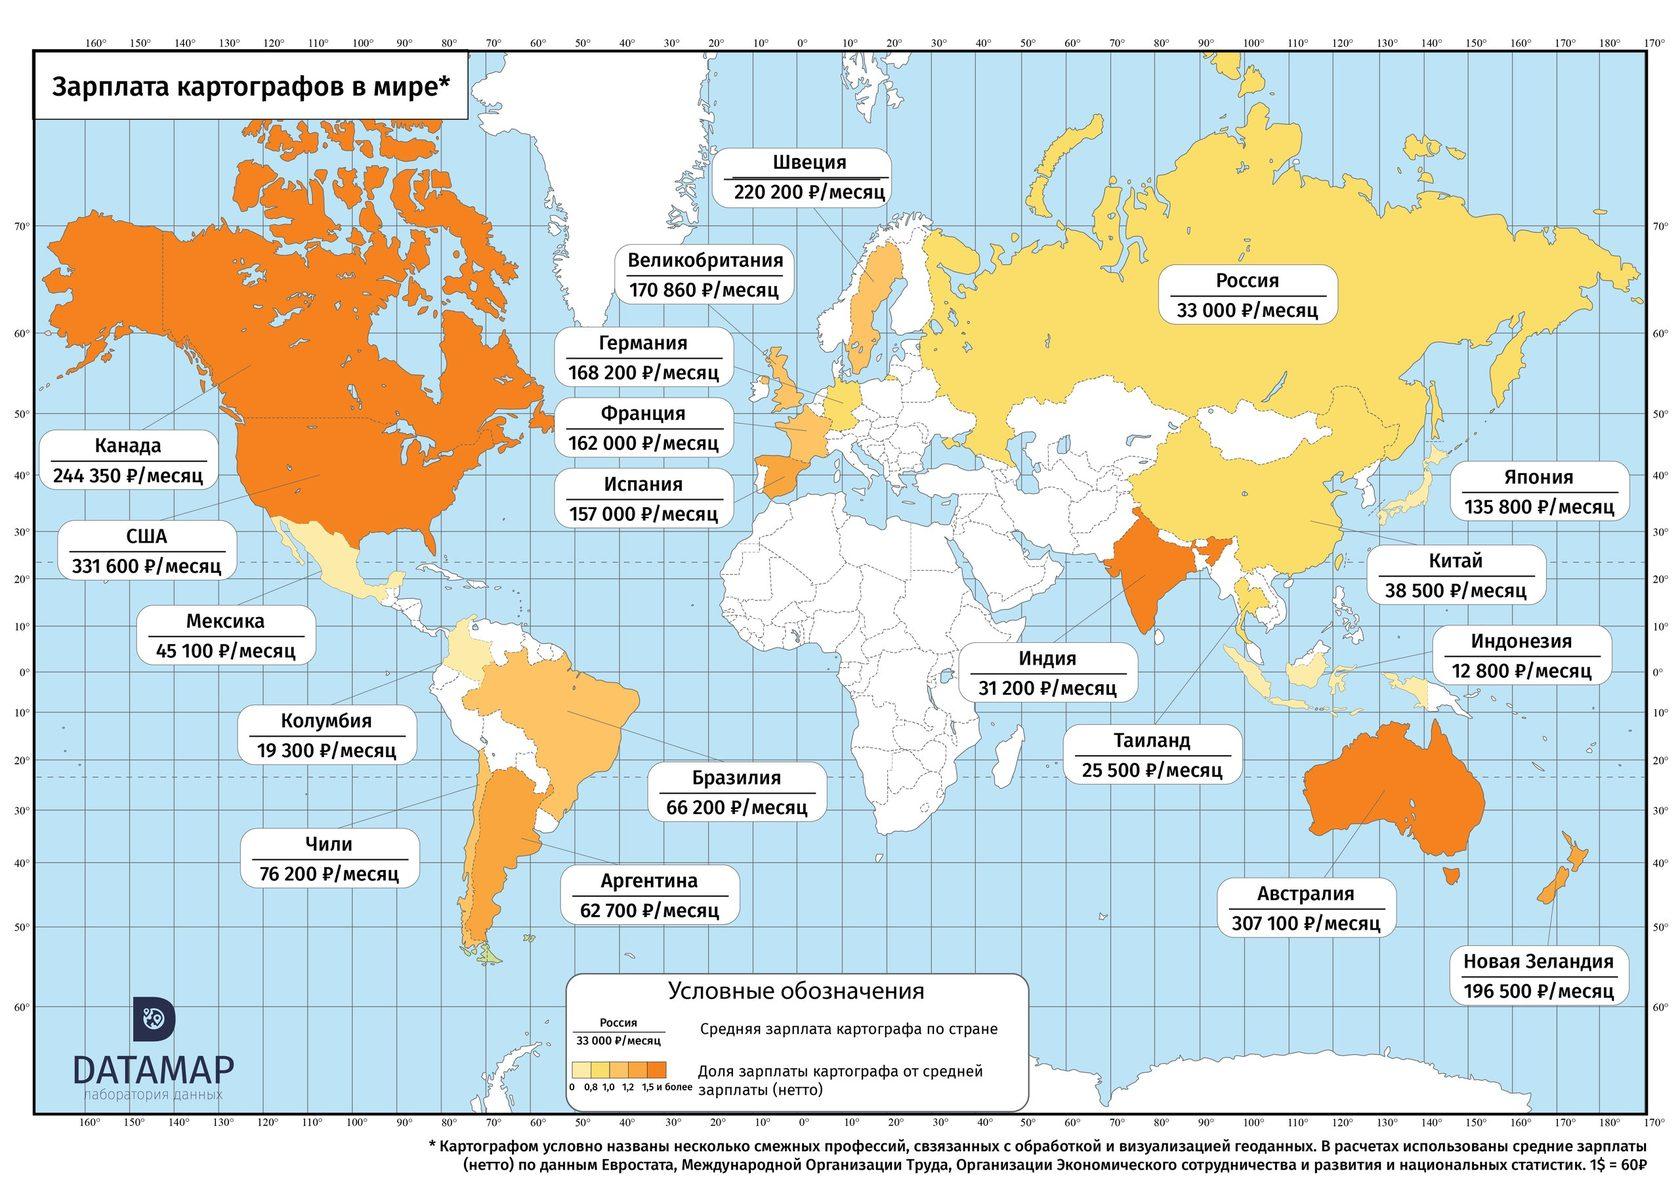 какая страна занимает первое место по зарплате